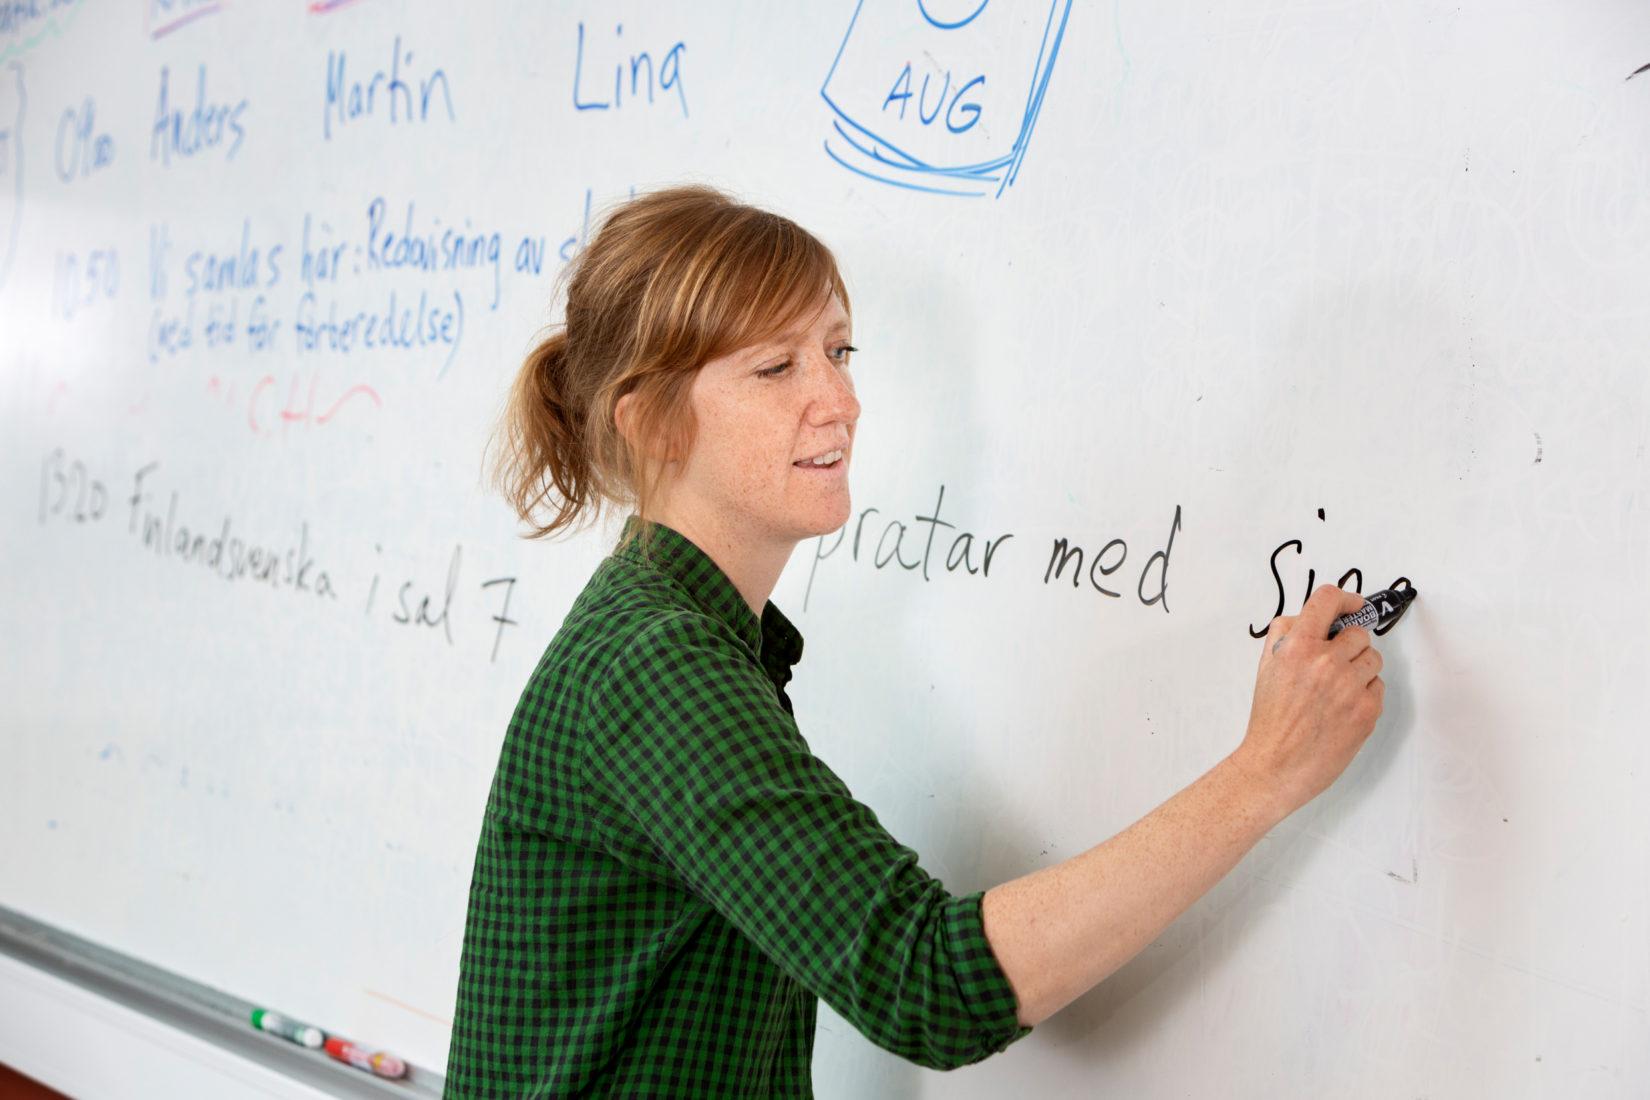 Kvinnlig lärare står och skriver på en vit tavla